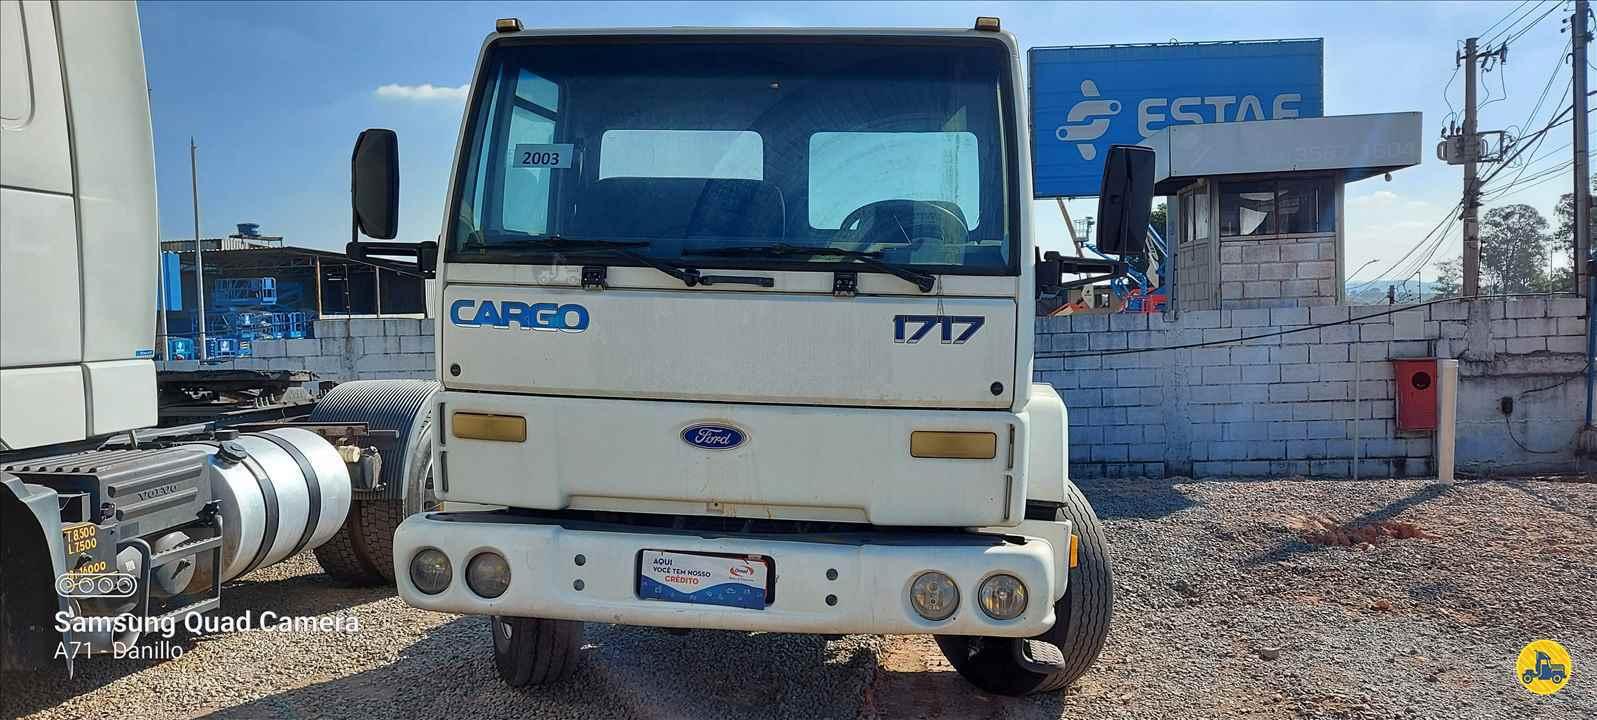 CAMINHAO FORD CARGO 1717 Chassis Toco 4x2 13 de Maio Caminhões BETIM MINAS GERAIS MG